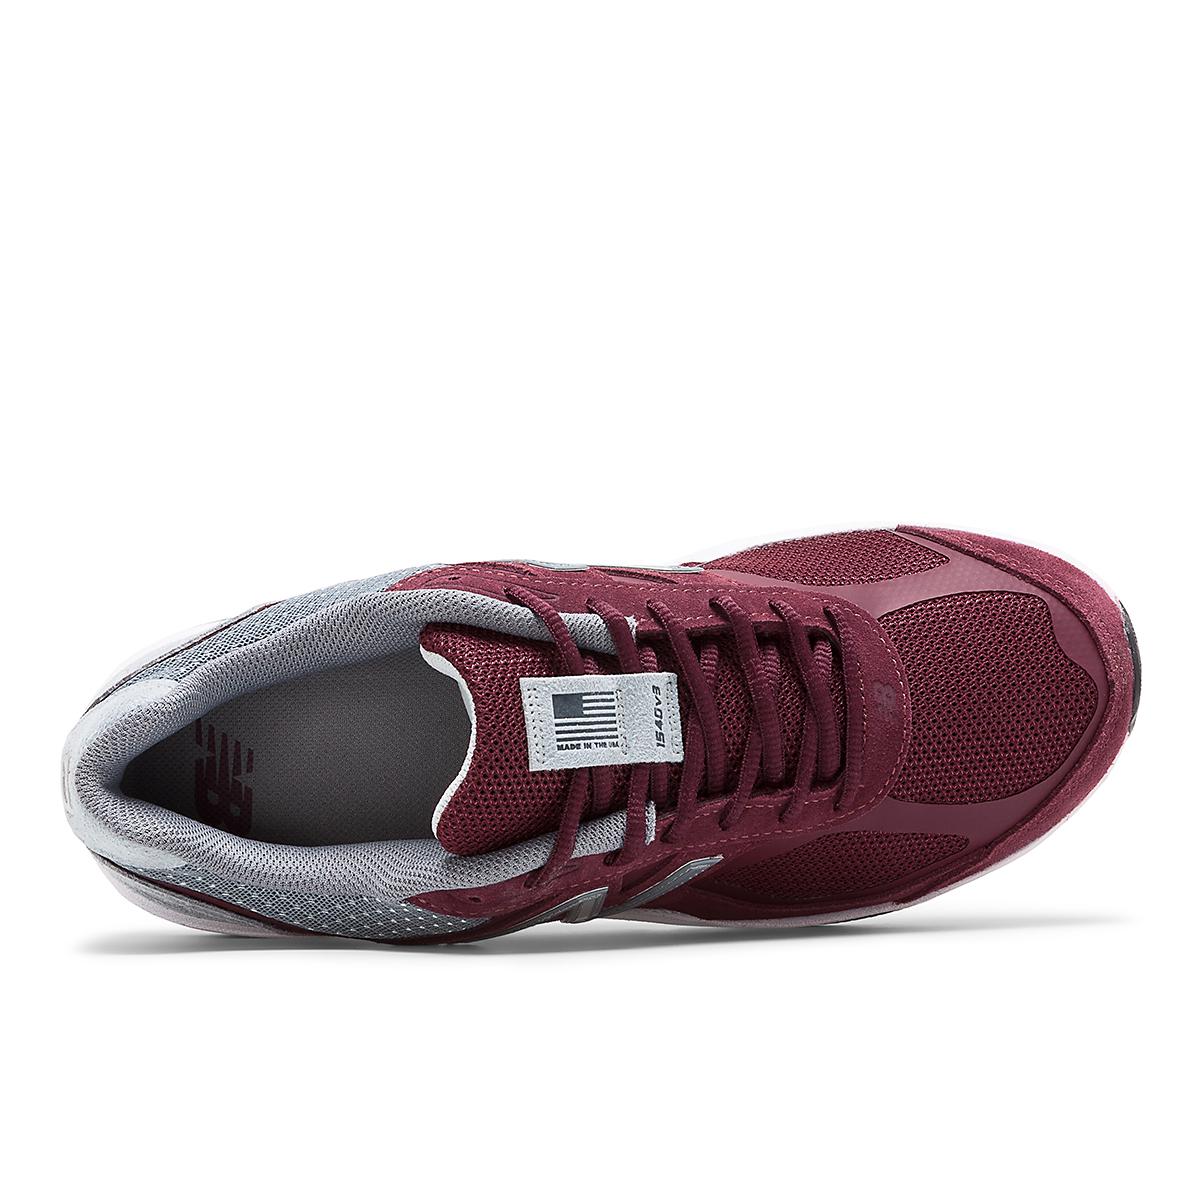 Men's New Balance 1540V3 Walking Shoe - Color: Burgundy - Size: 7 - Width: Wide, Burgundy, large, image 3